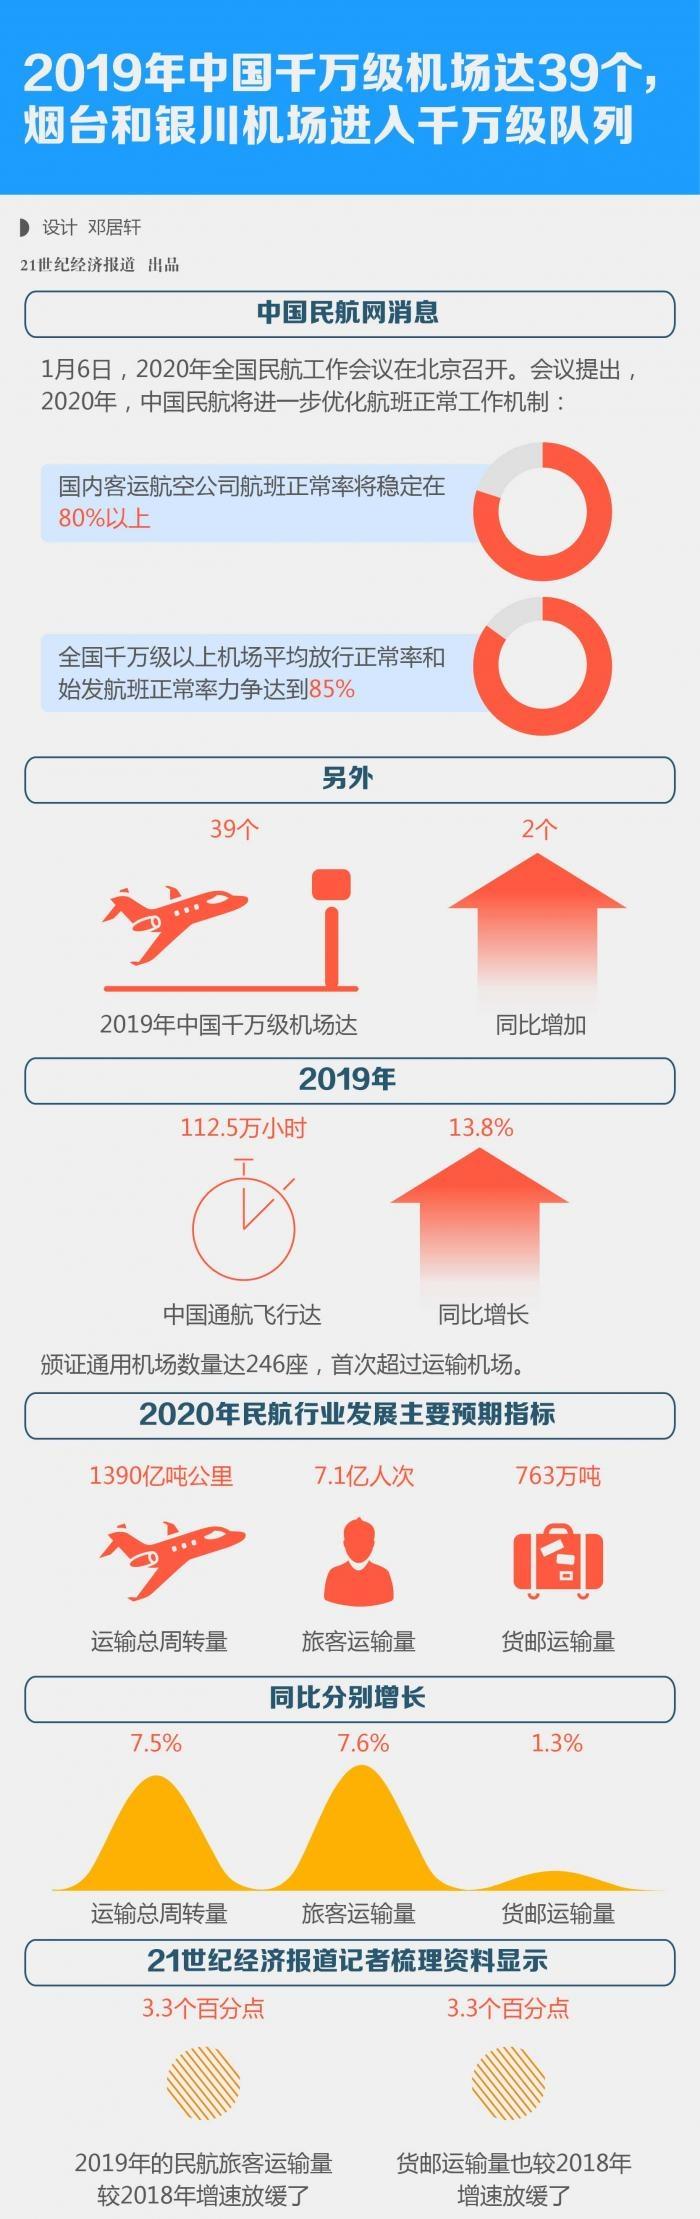 2019年中国千万级机场达39个